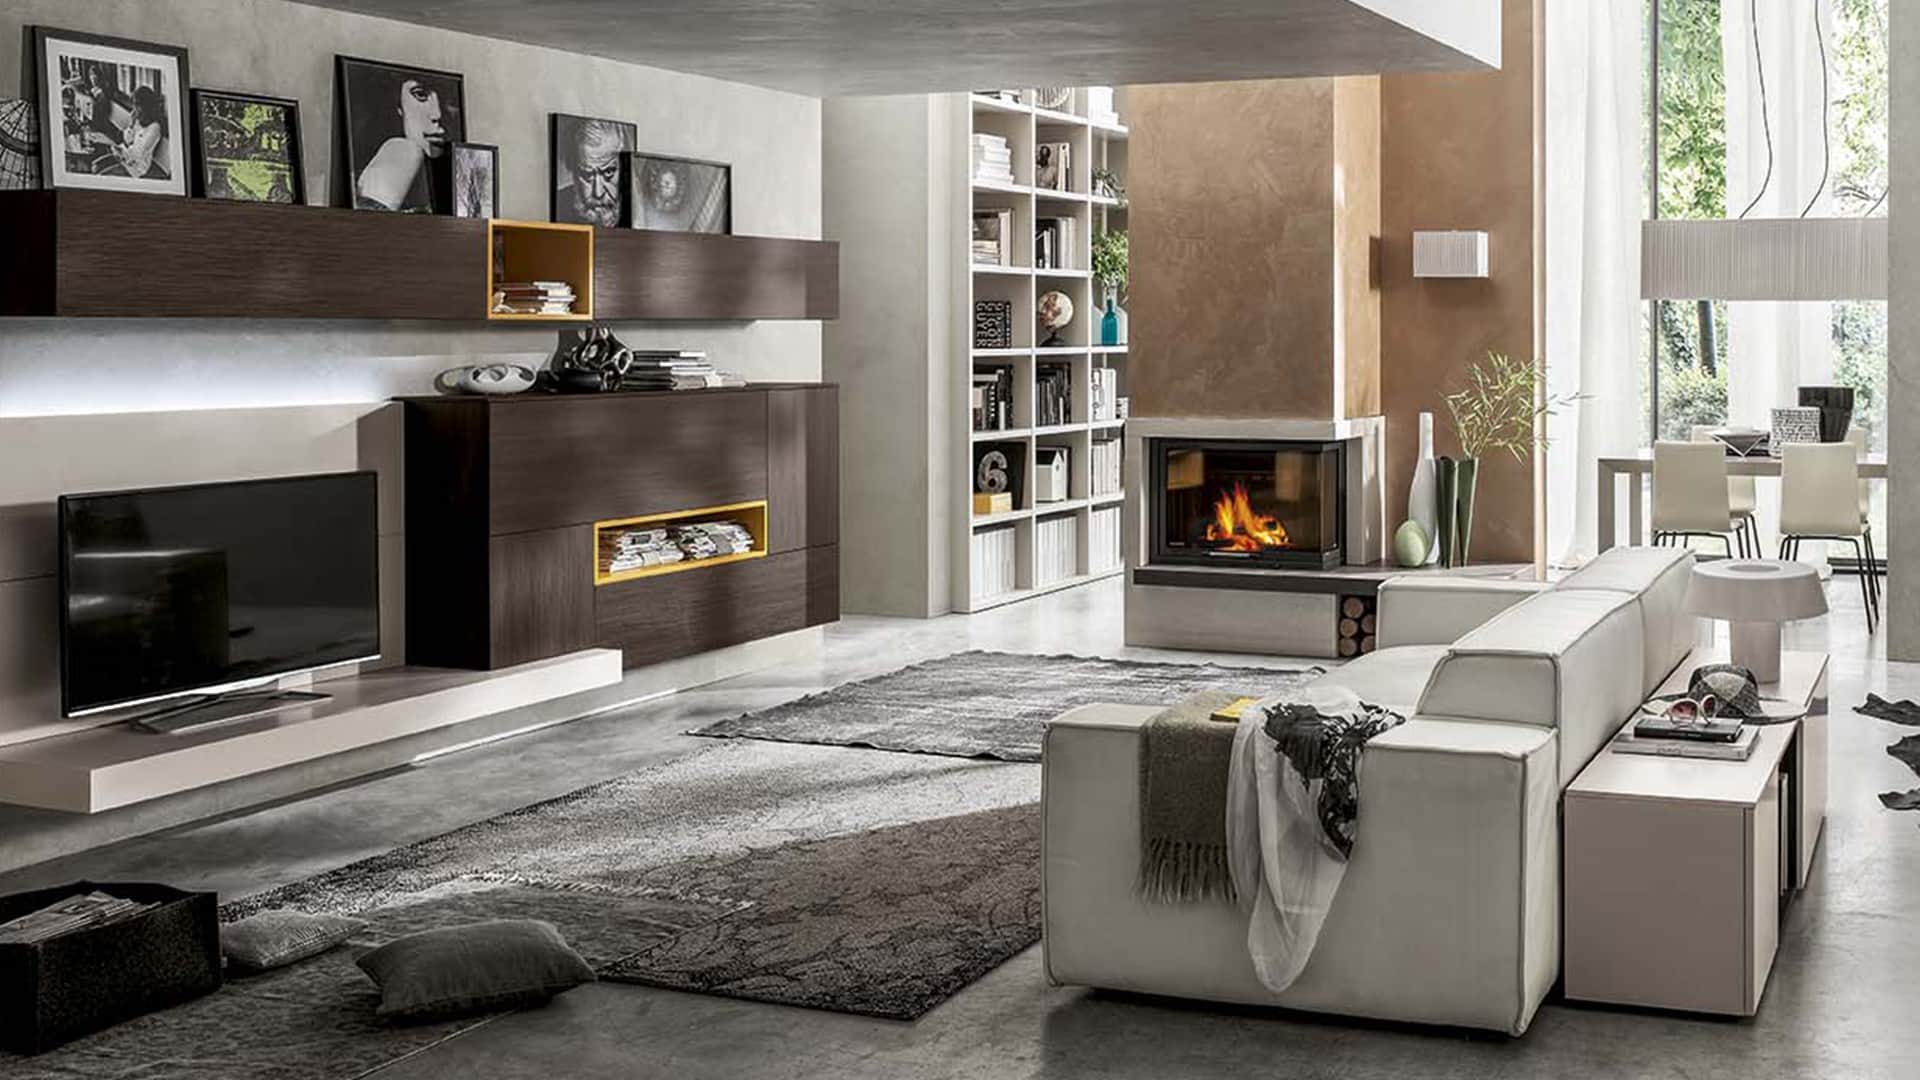 Vendita di mobili per soggiorno a padova mobili da for Immagini soggiorno moderno